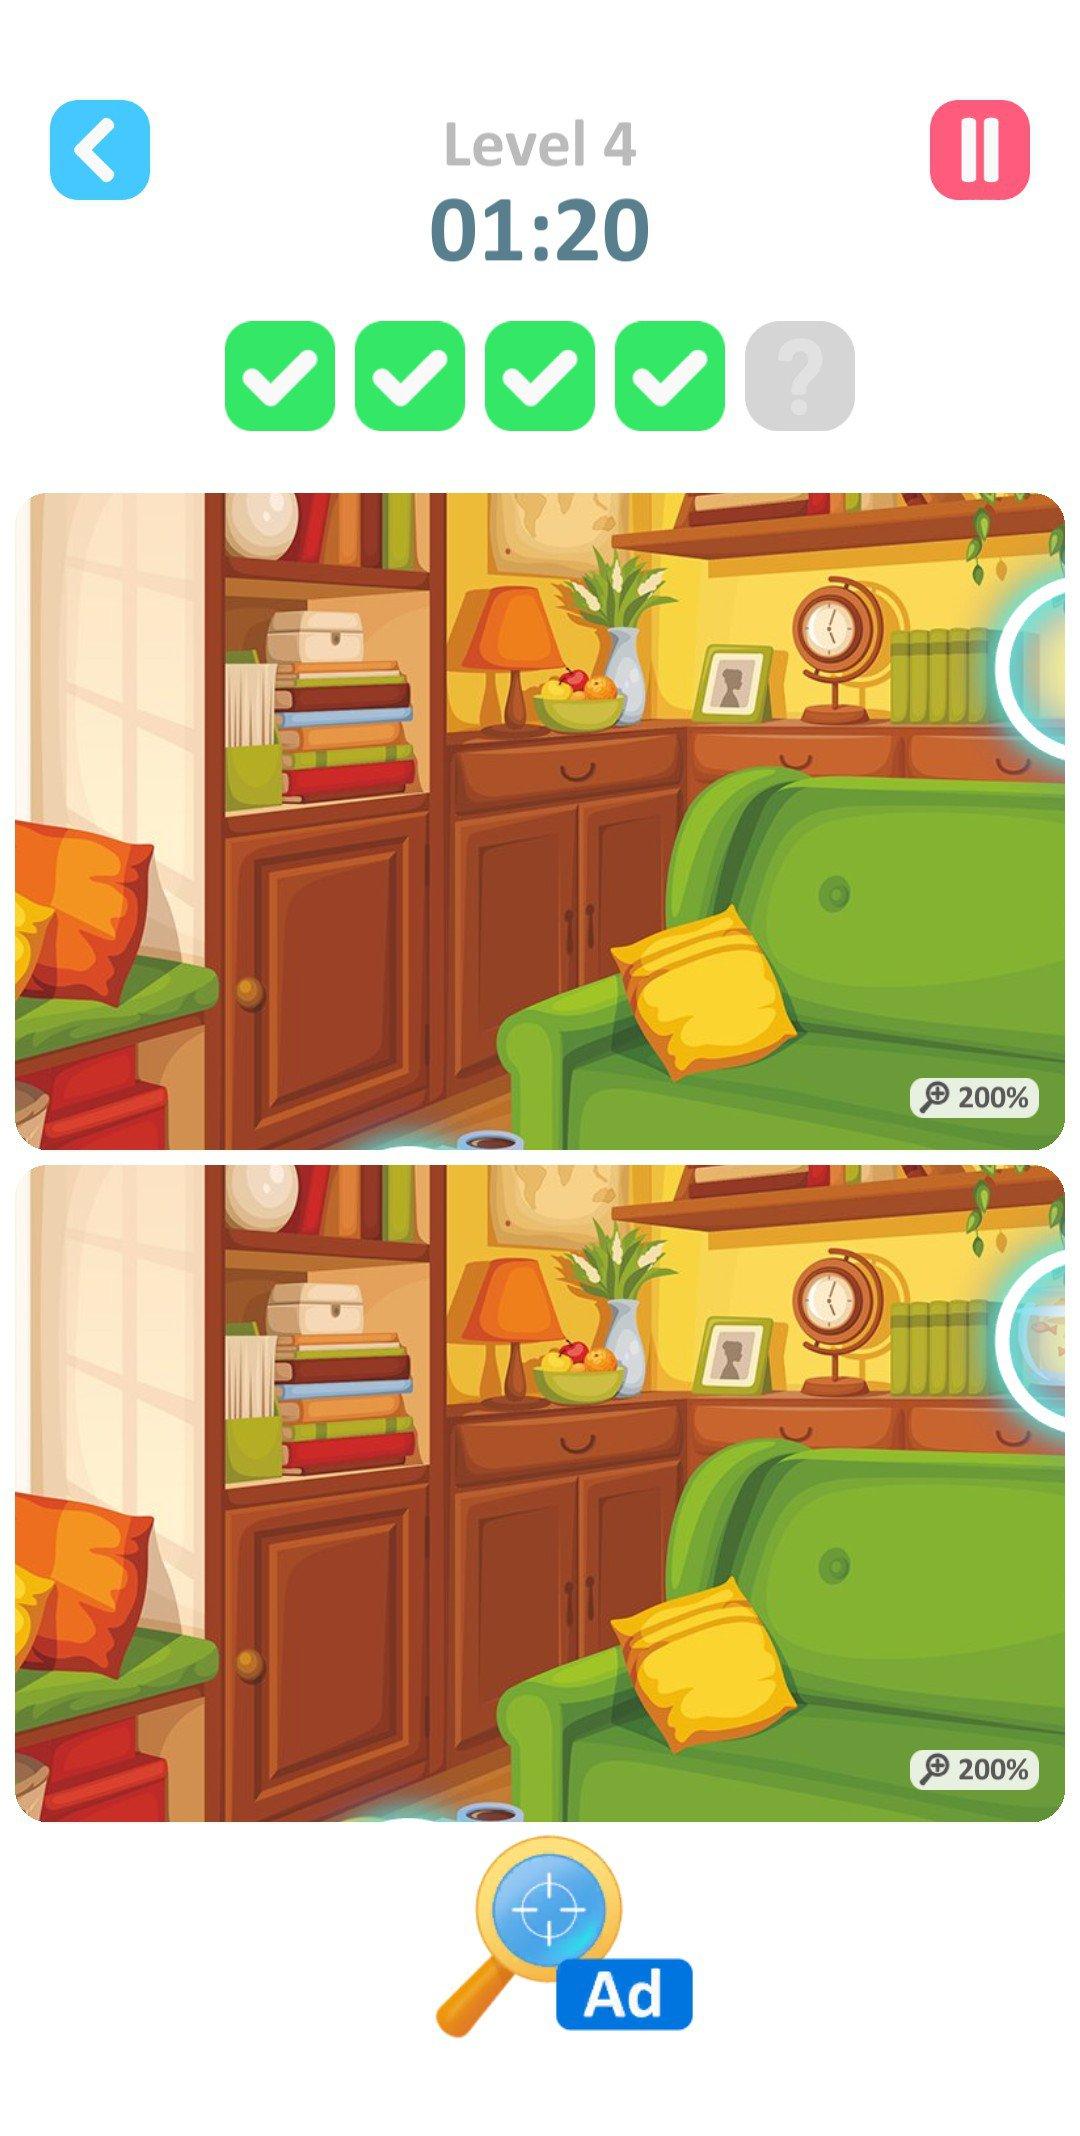 Taptap Differences 2.5.0 - Télécharger Pour Android Apk tout Jeux Des 7 Différences Gratuit